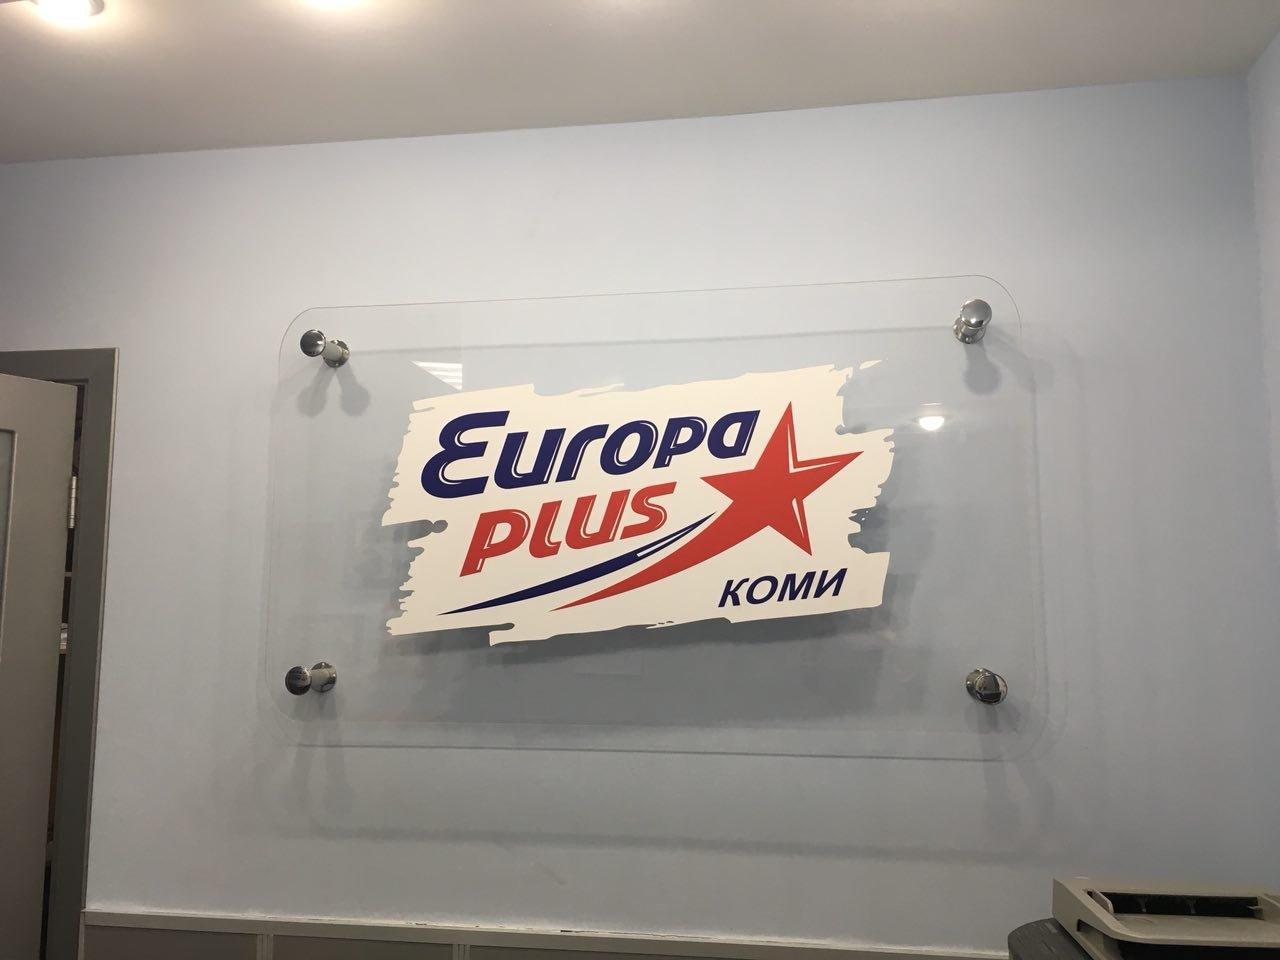 Смешные картинки россия европа плюс